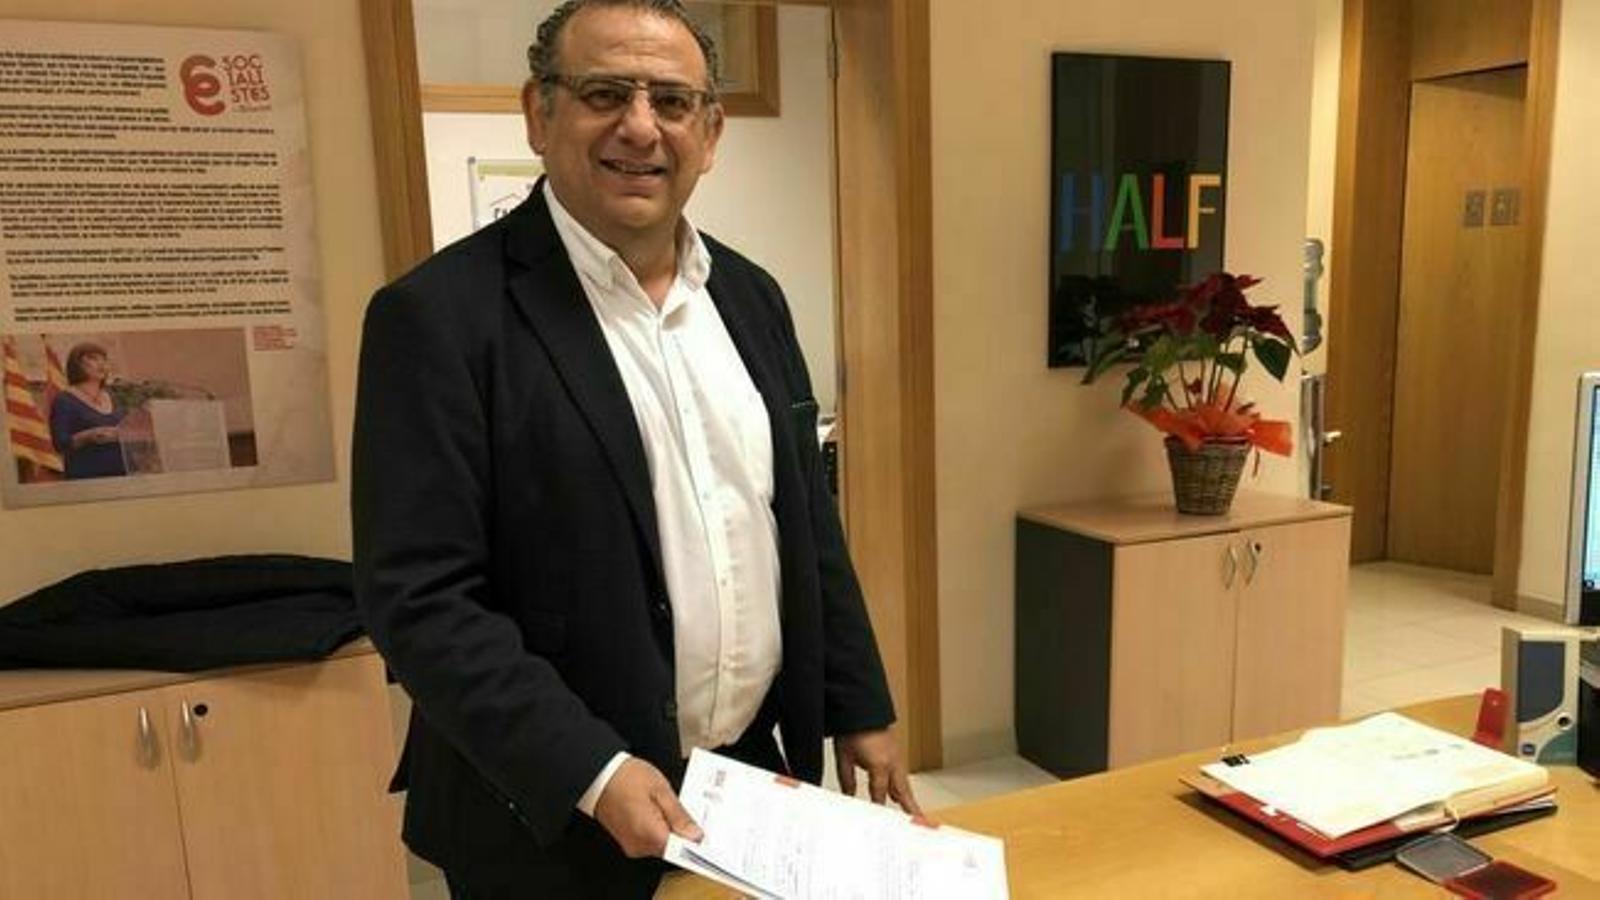 Alfonso Rodríguez, batle de Calvià